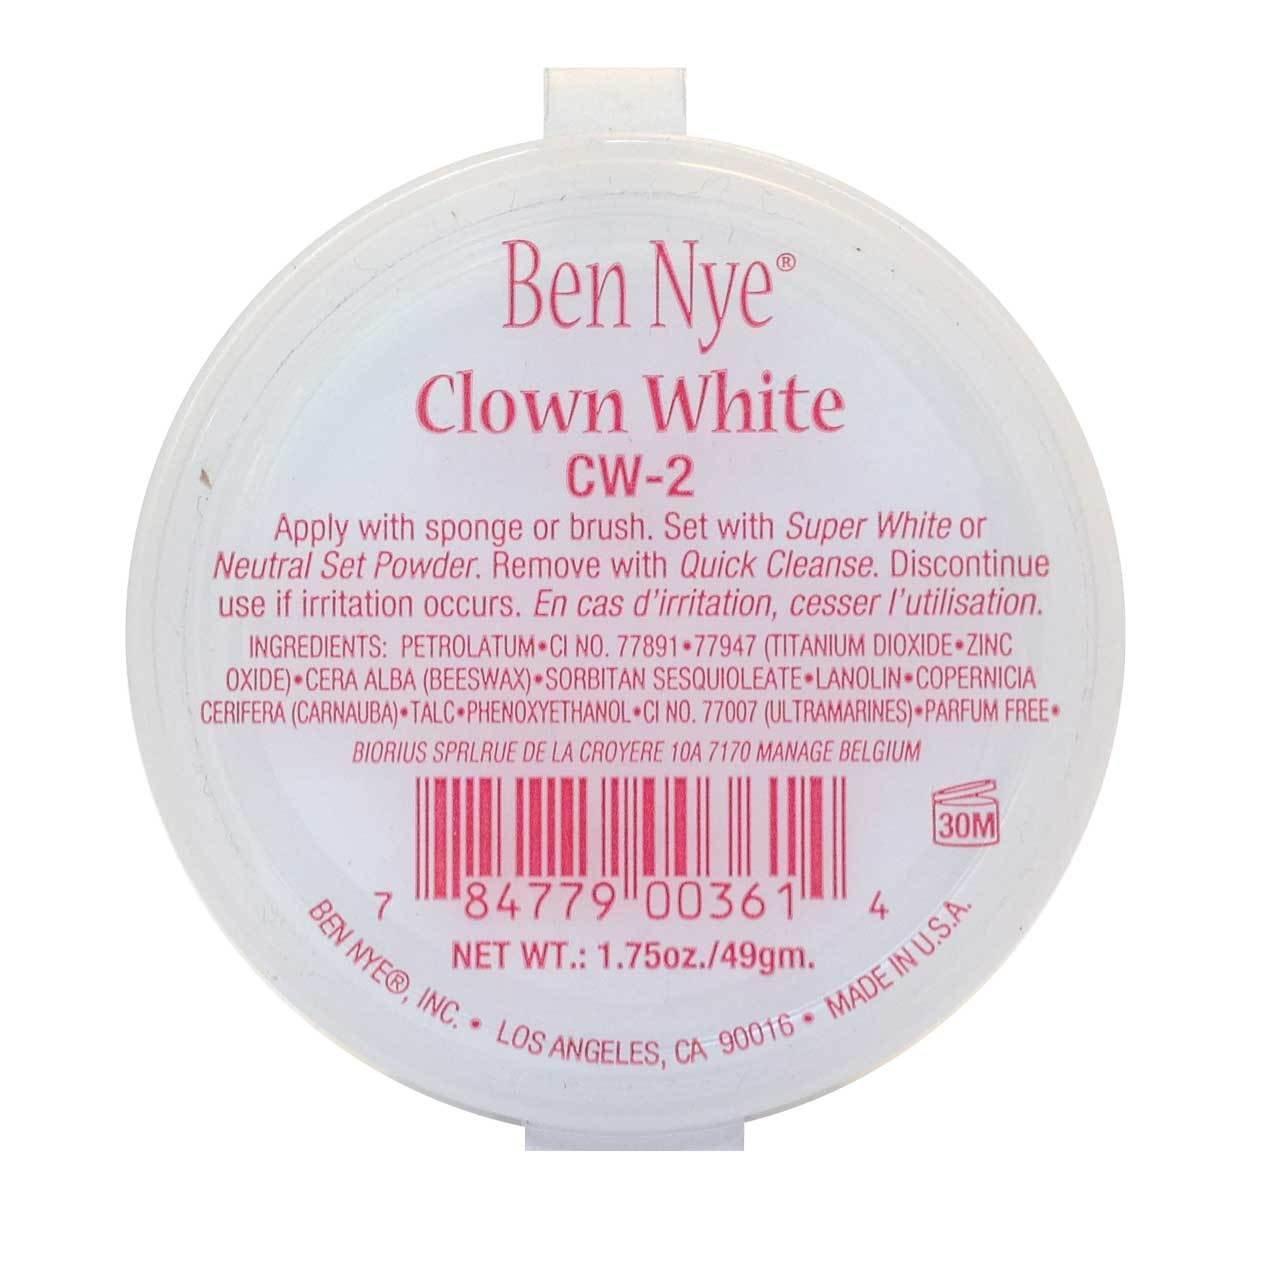 Clown White Makeup, 1.75oz./49gm.